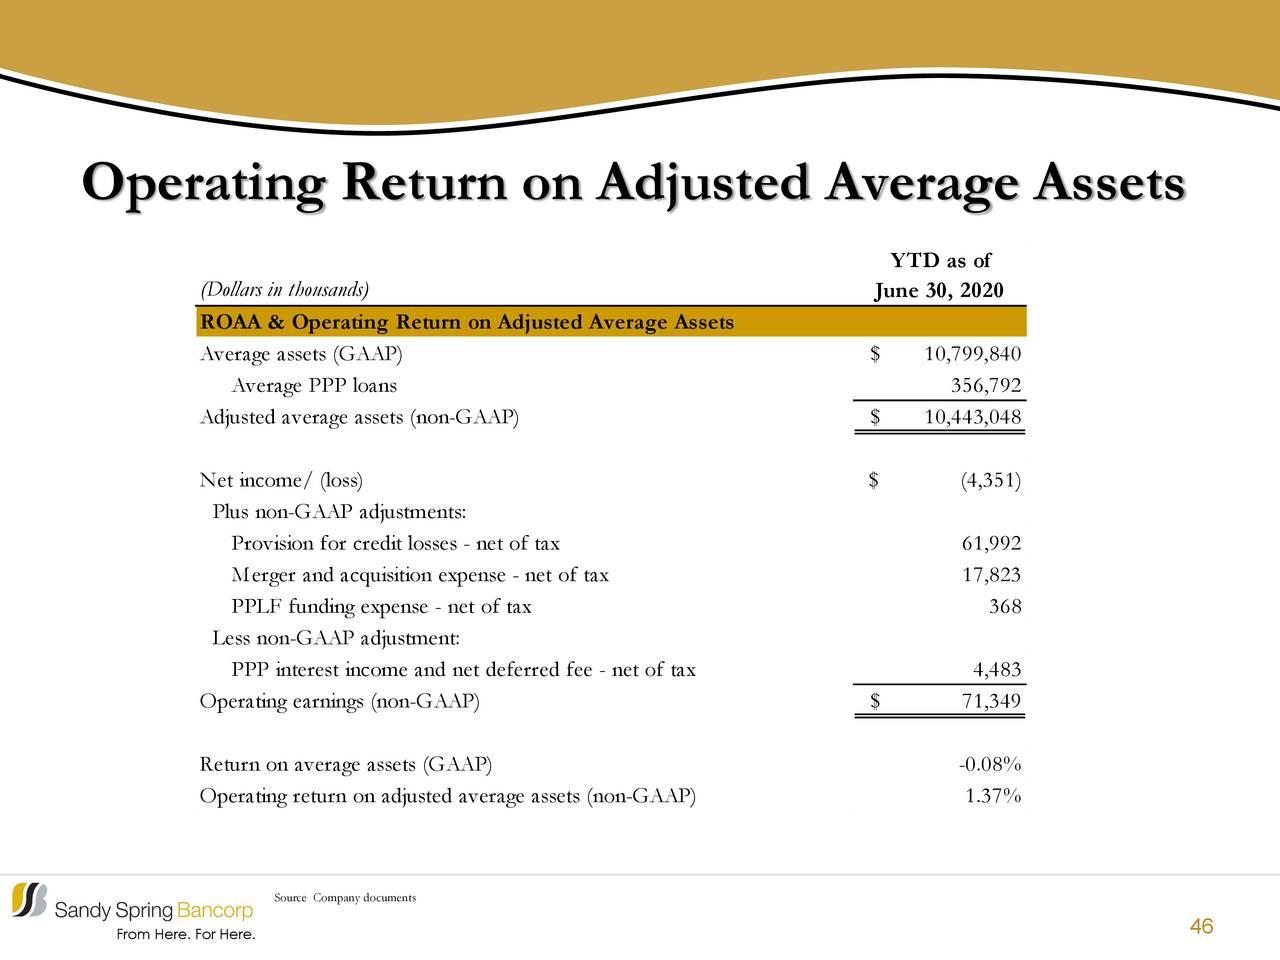 Retorno operativo sobre activos promedio ajustados